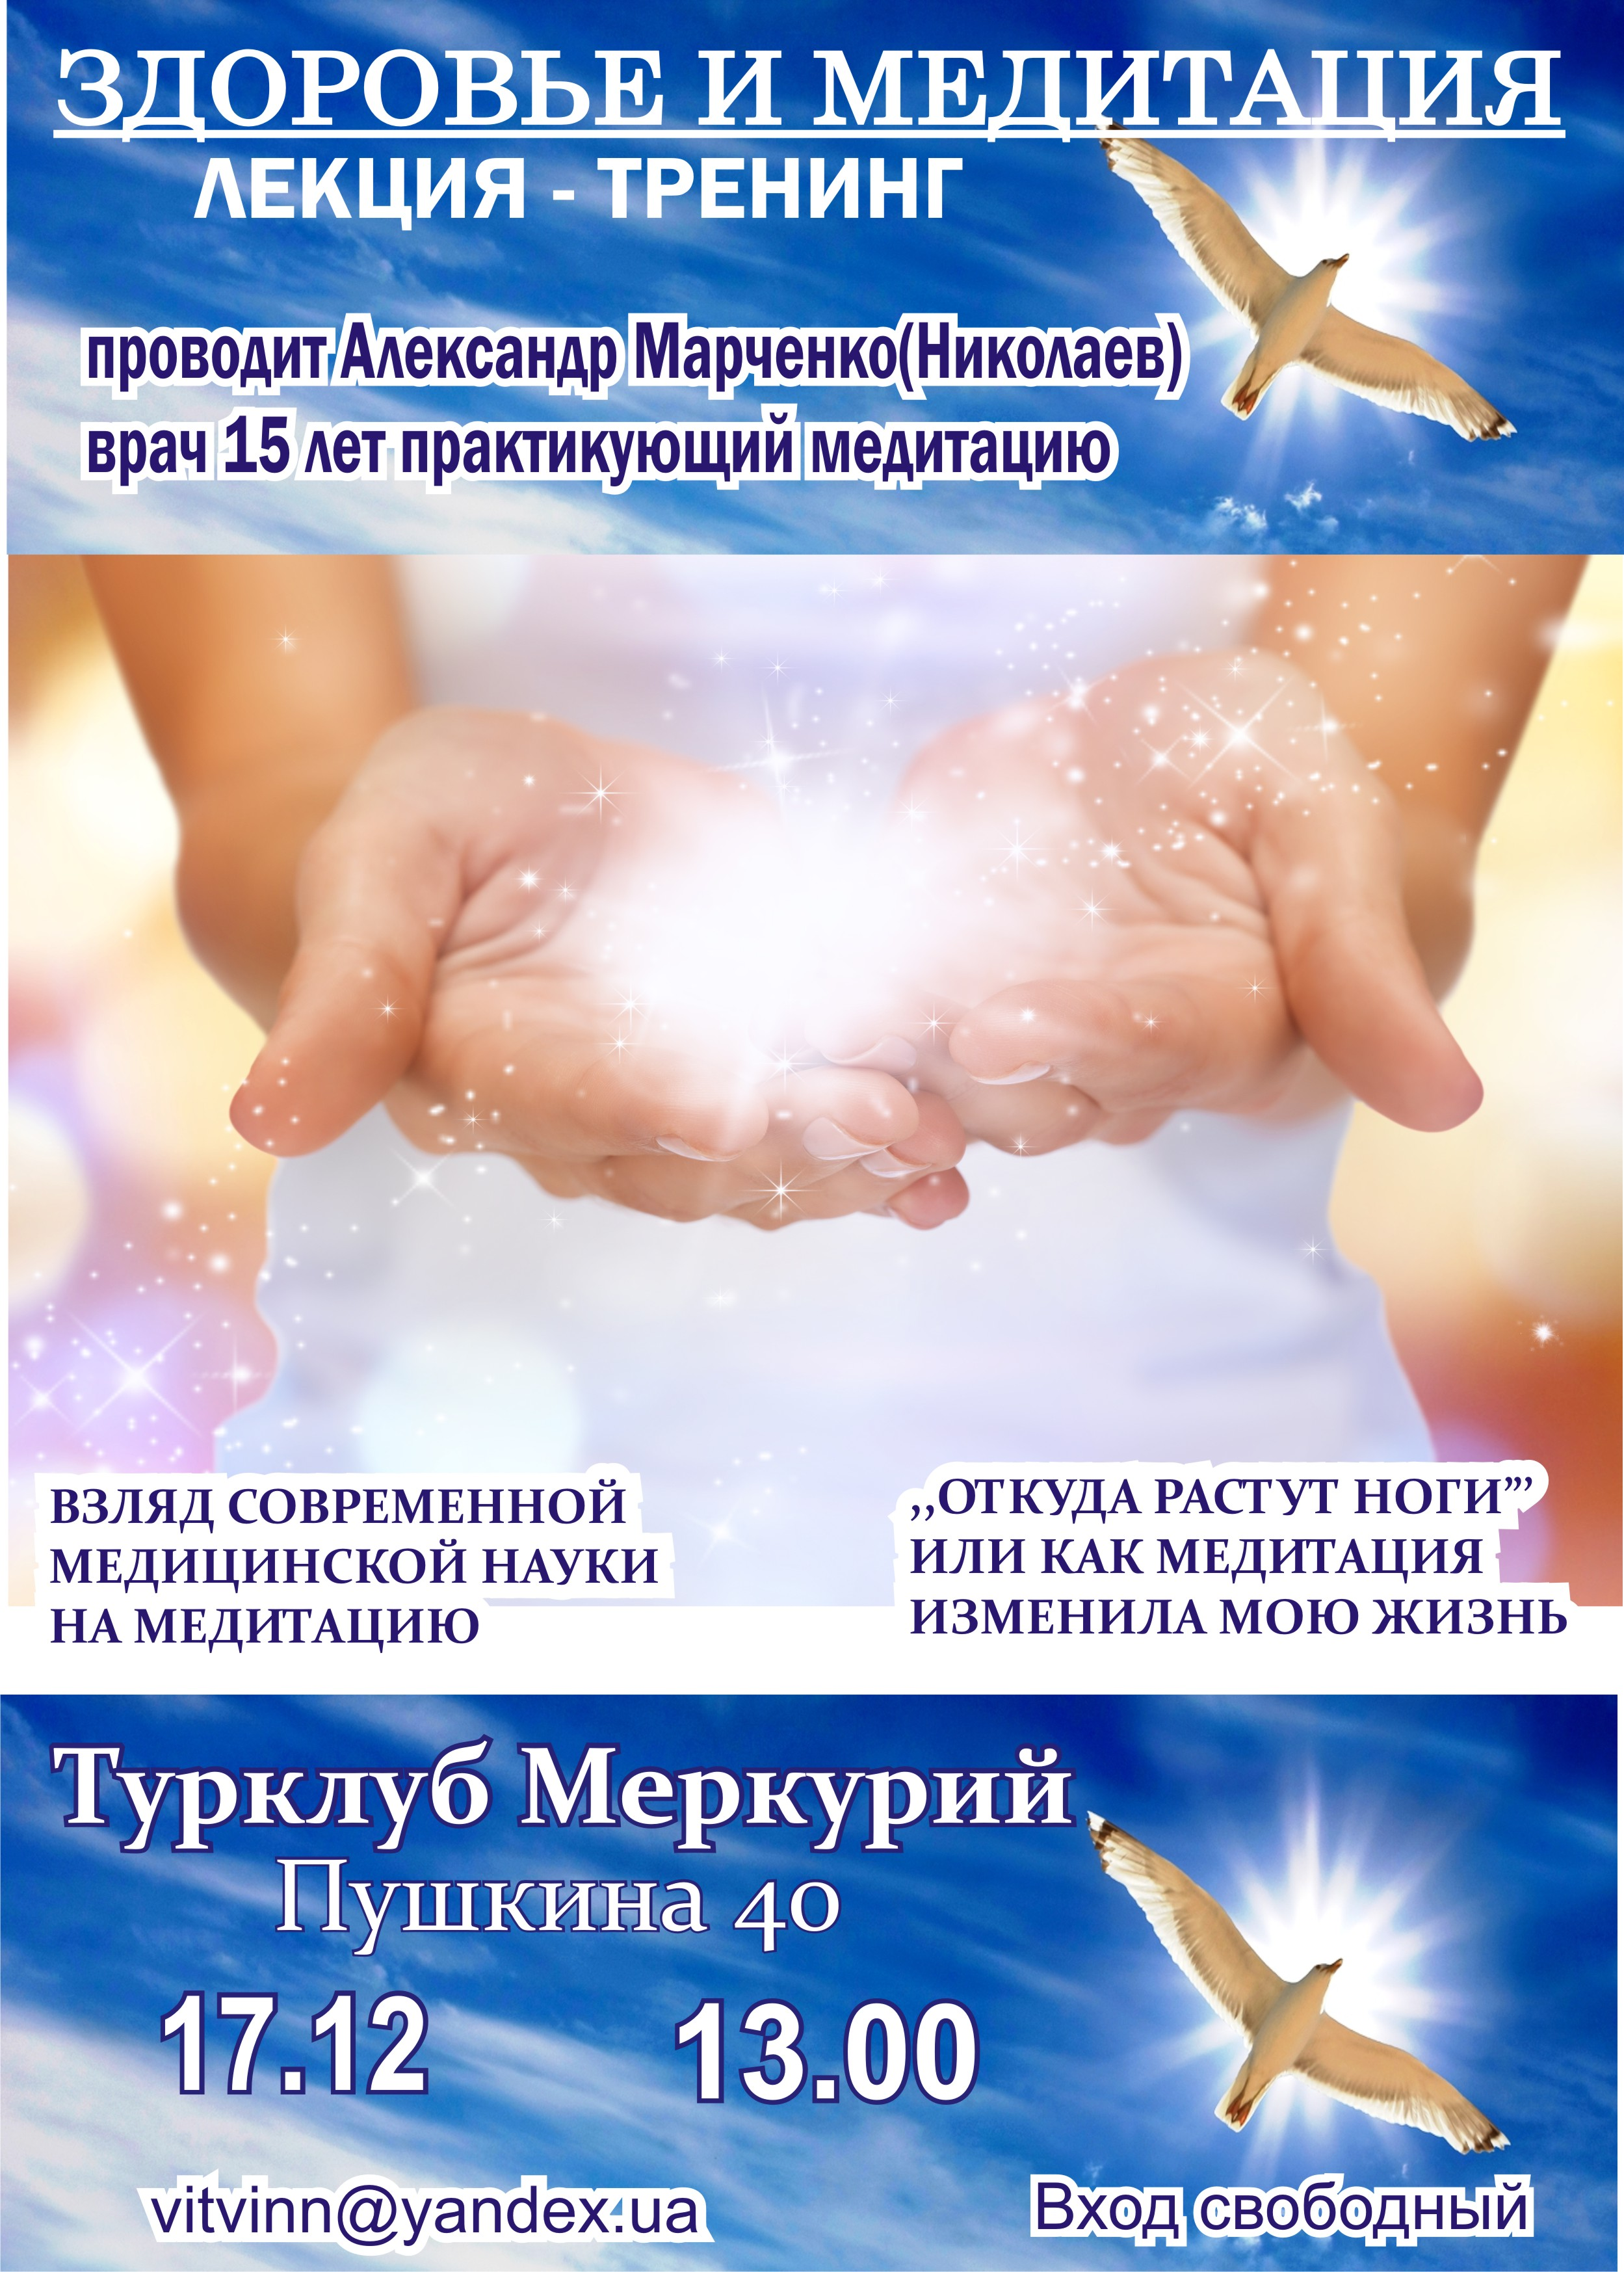 zdorove-i-meditaciya